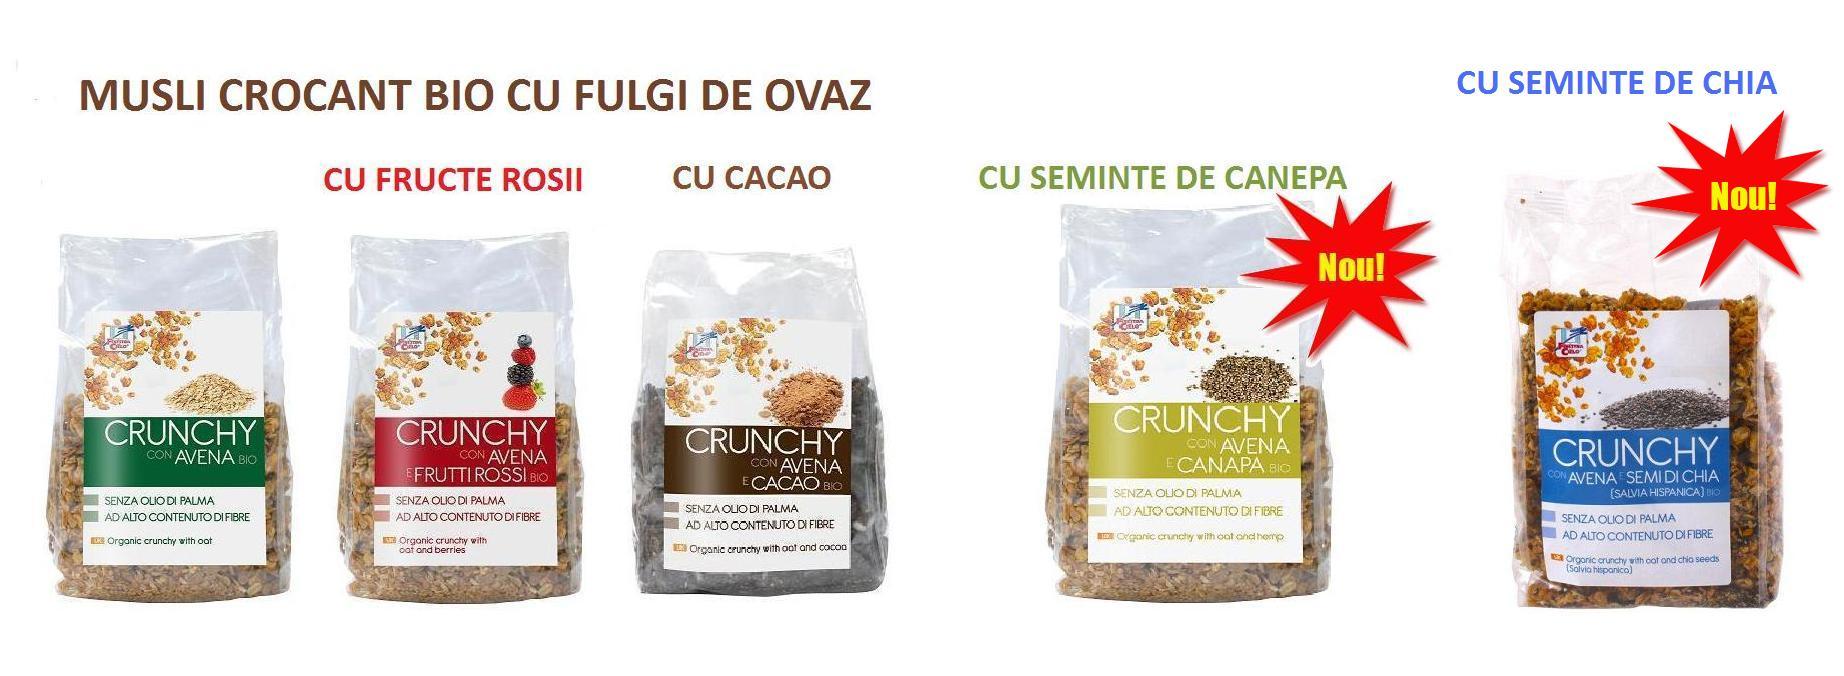 Cereale bio mic-dejun